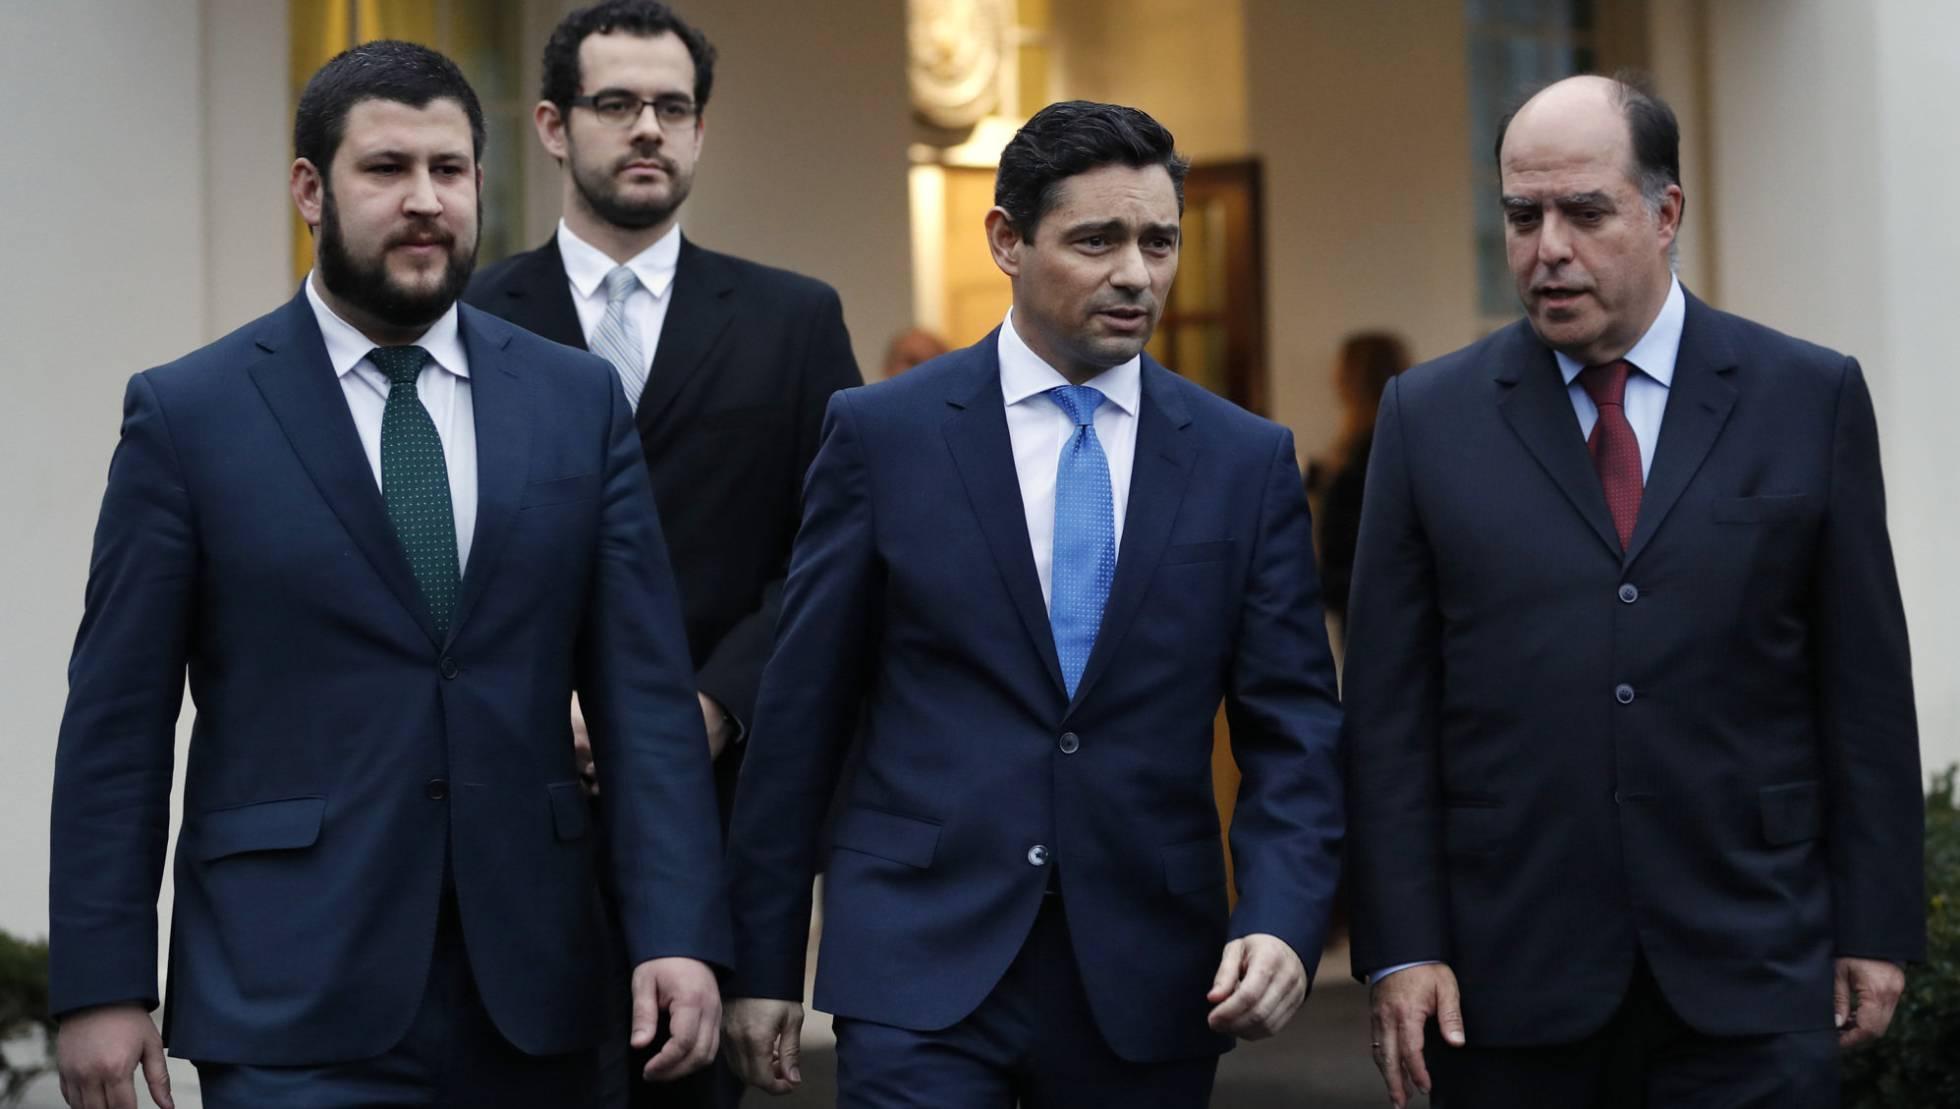 Оппозиционеры Венесуэлы с визитом в Вашингтоне